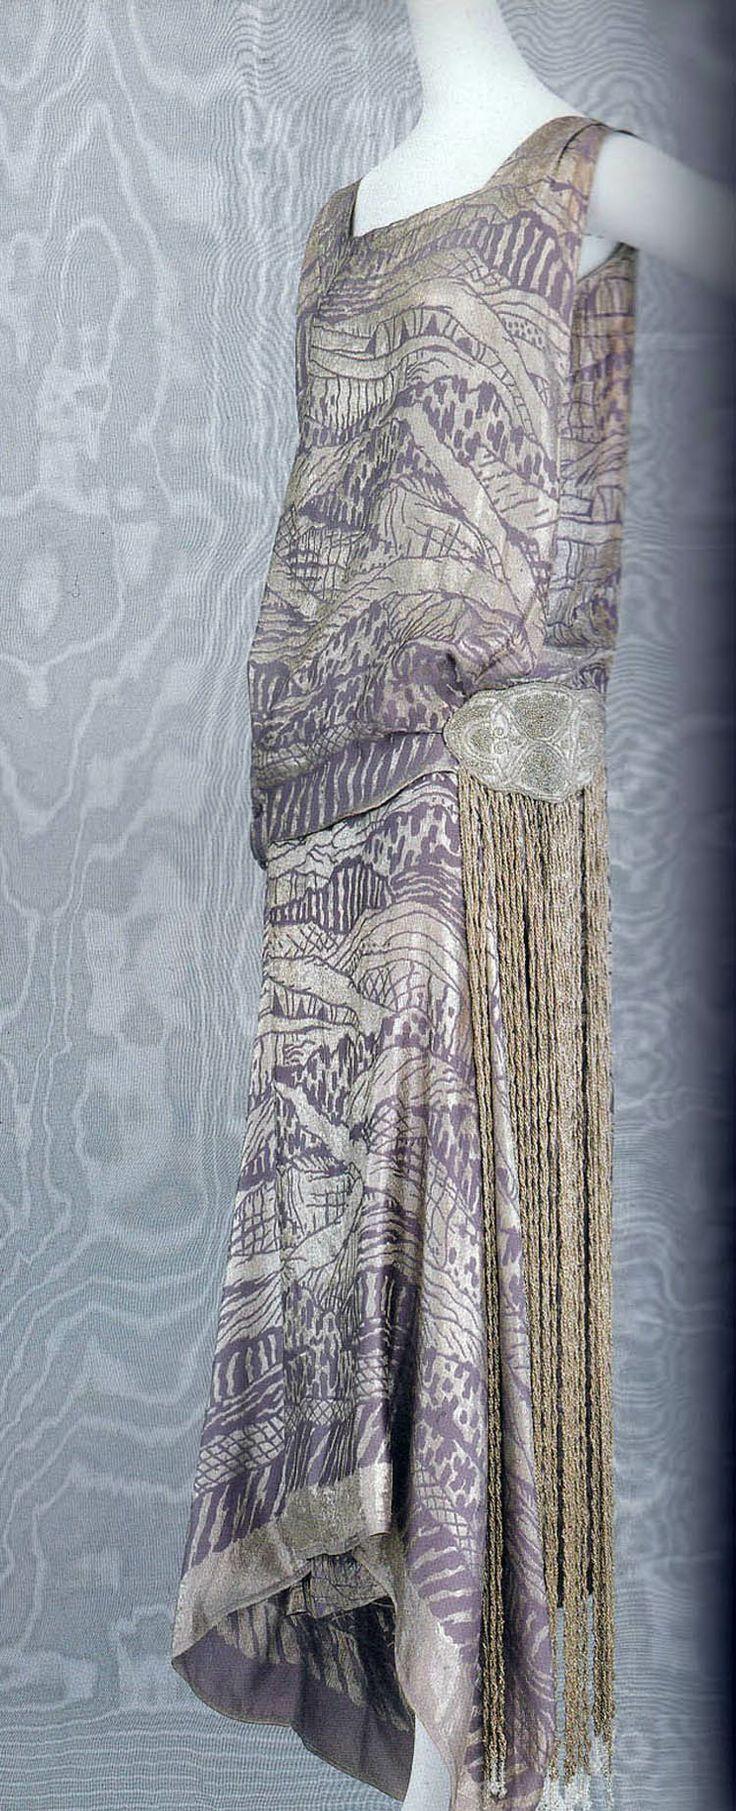 Fashion by Paul Poiret